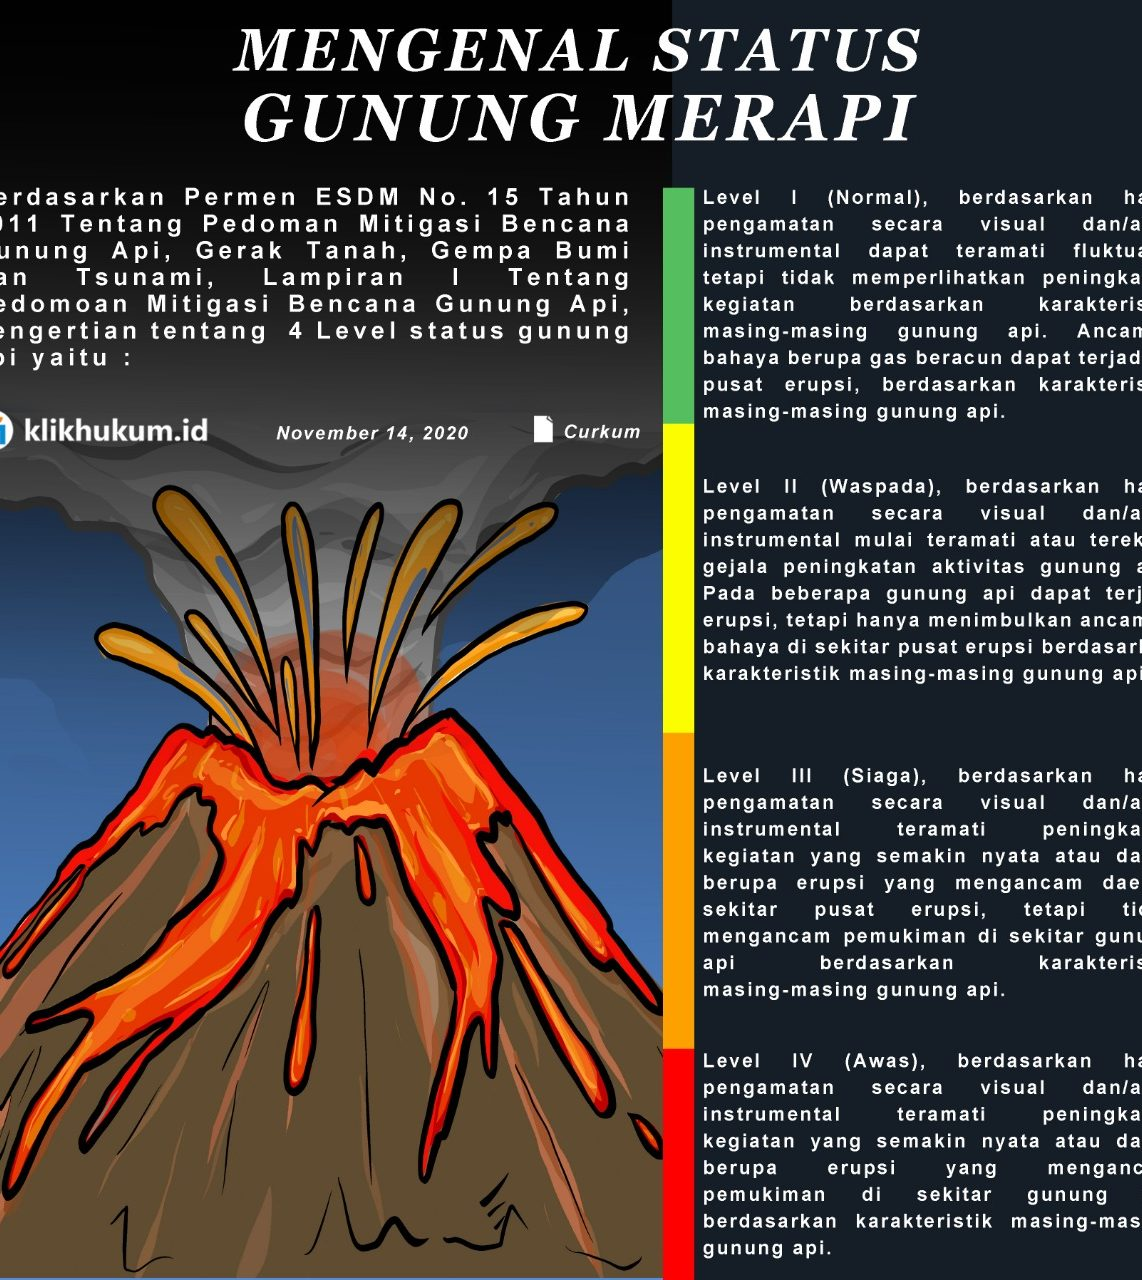 CURKUM : MENGENAL STATUS SIAGA GUNUNG API